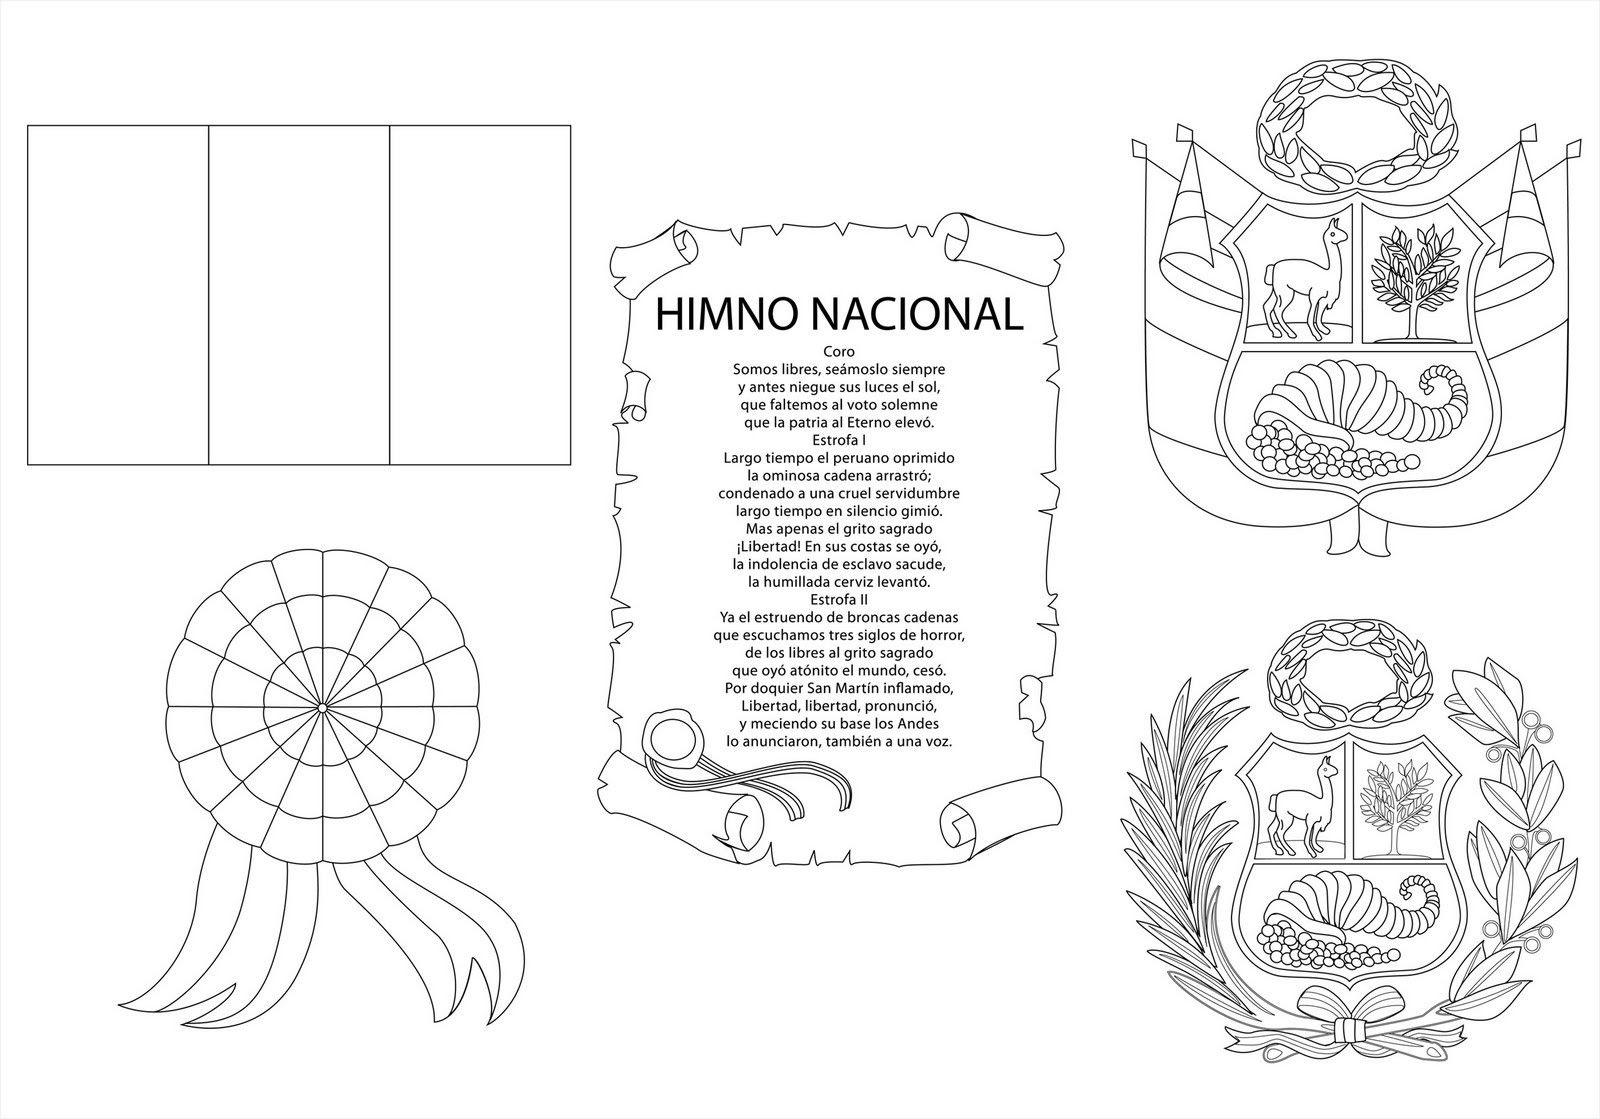 simbolos patrios para colorear - Buscar con Google | Fiestas patrias ...